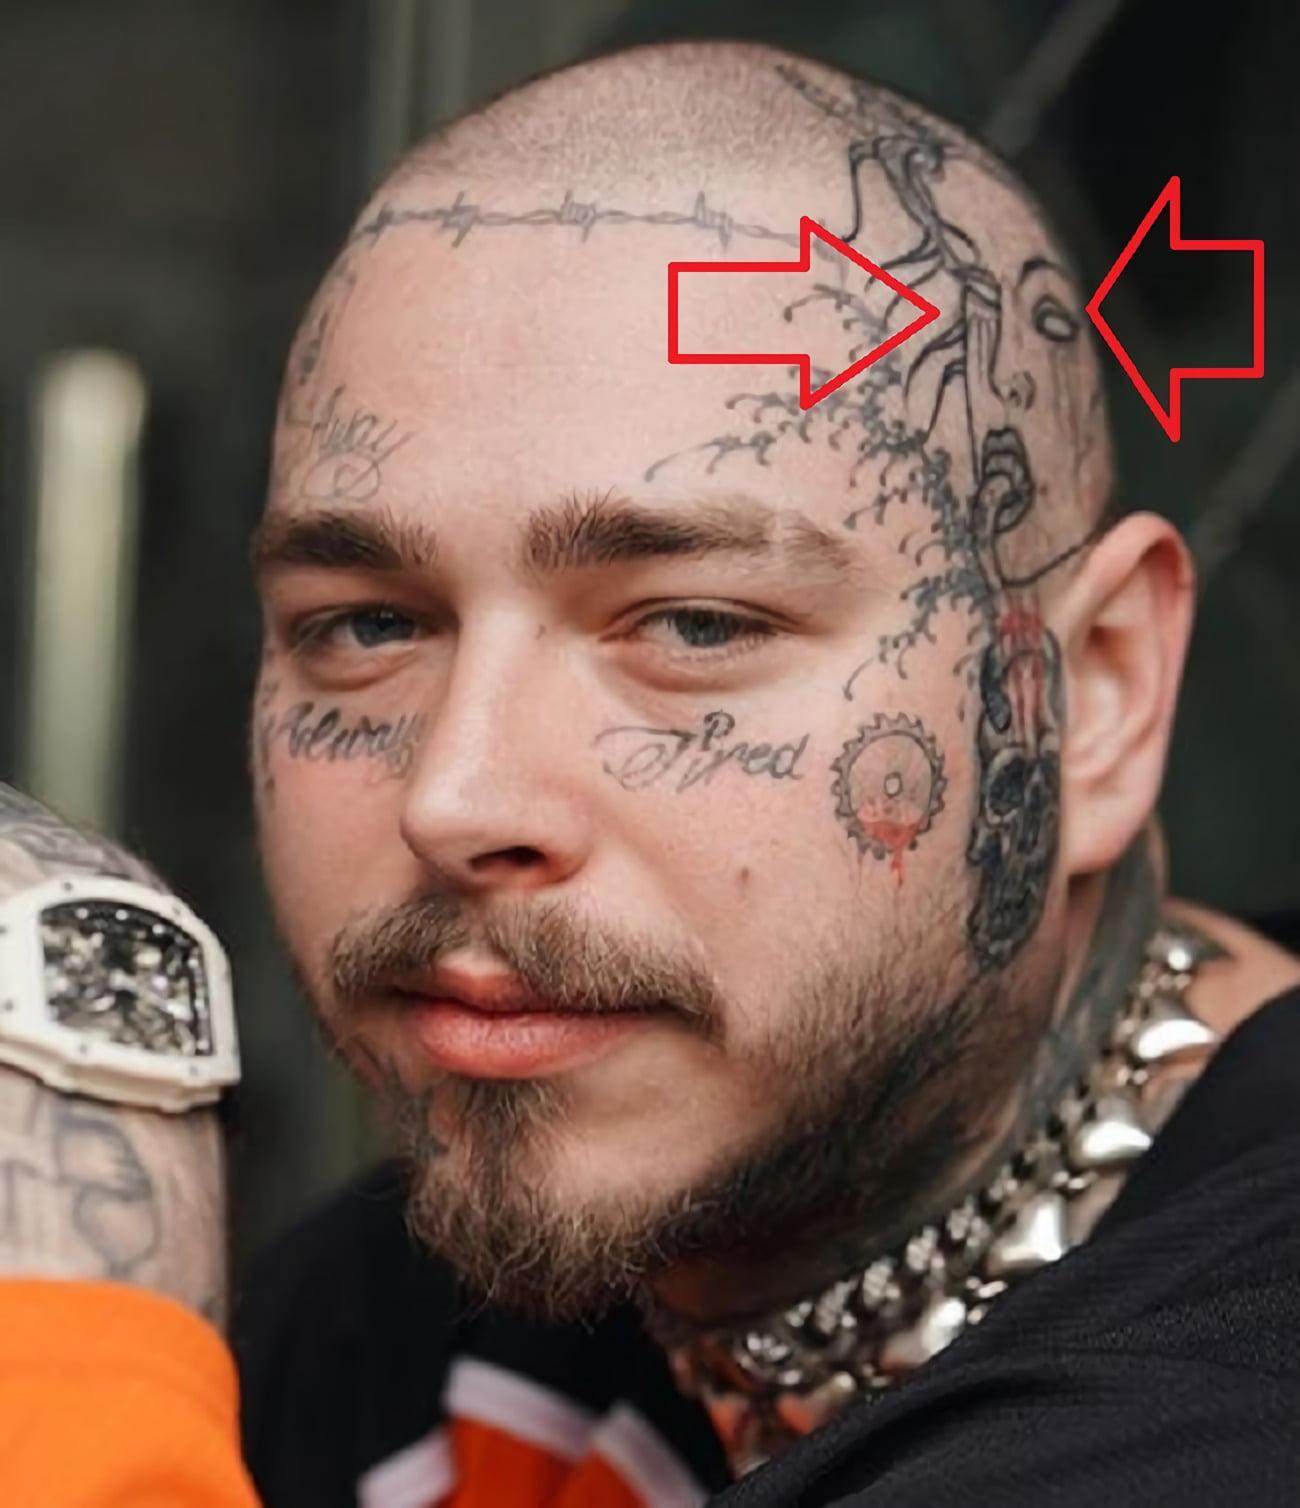 Татуировка на левой стороне головы.